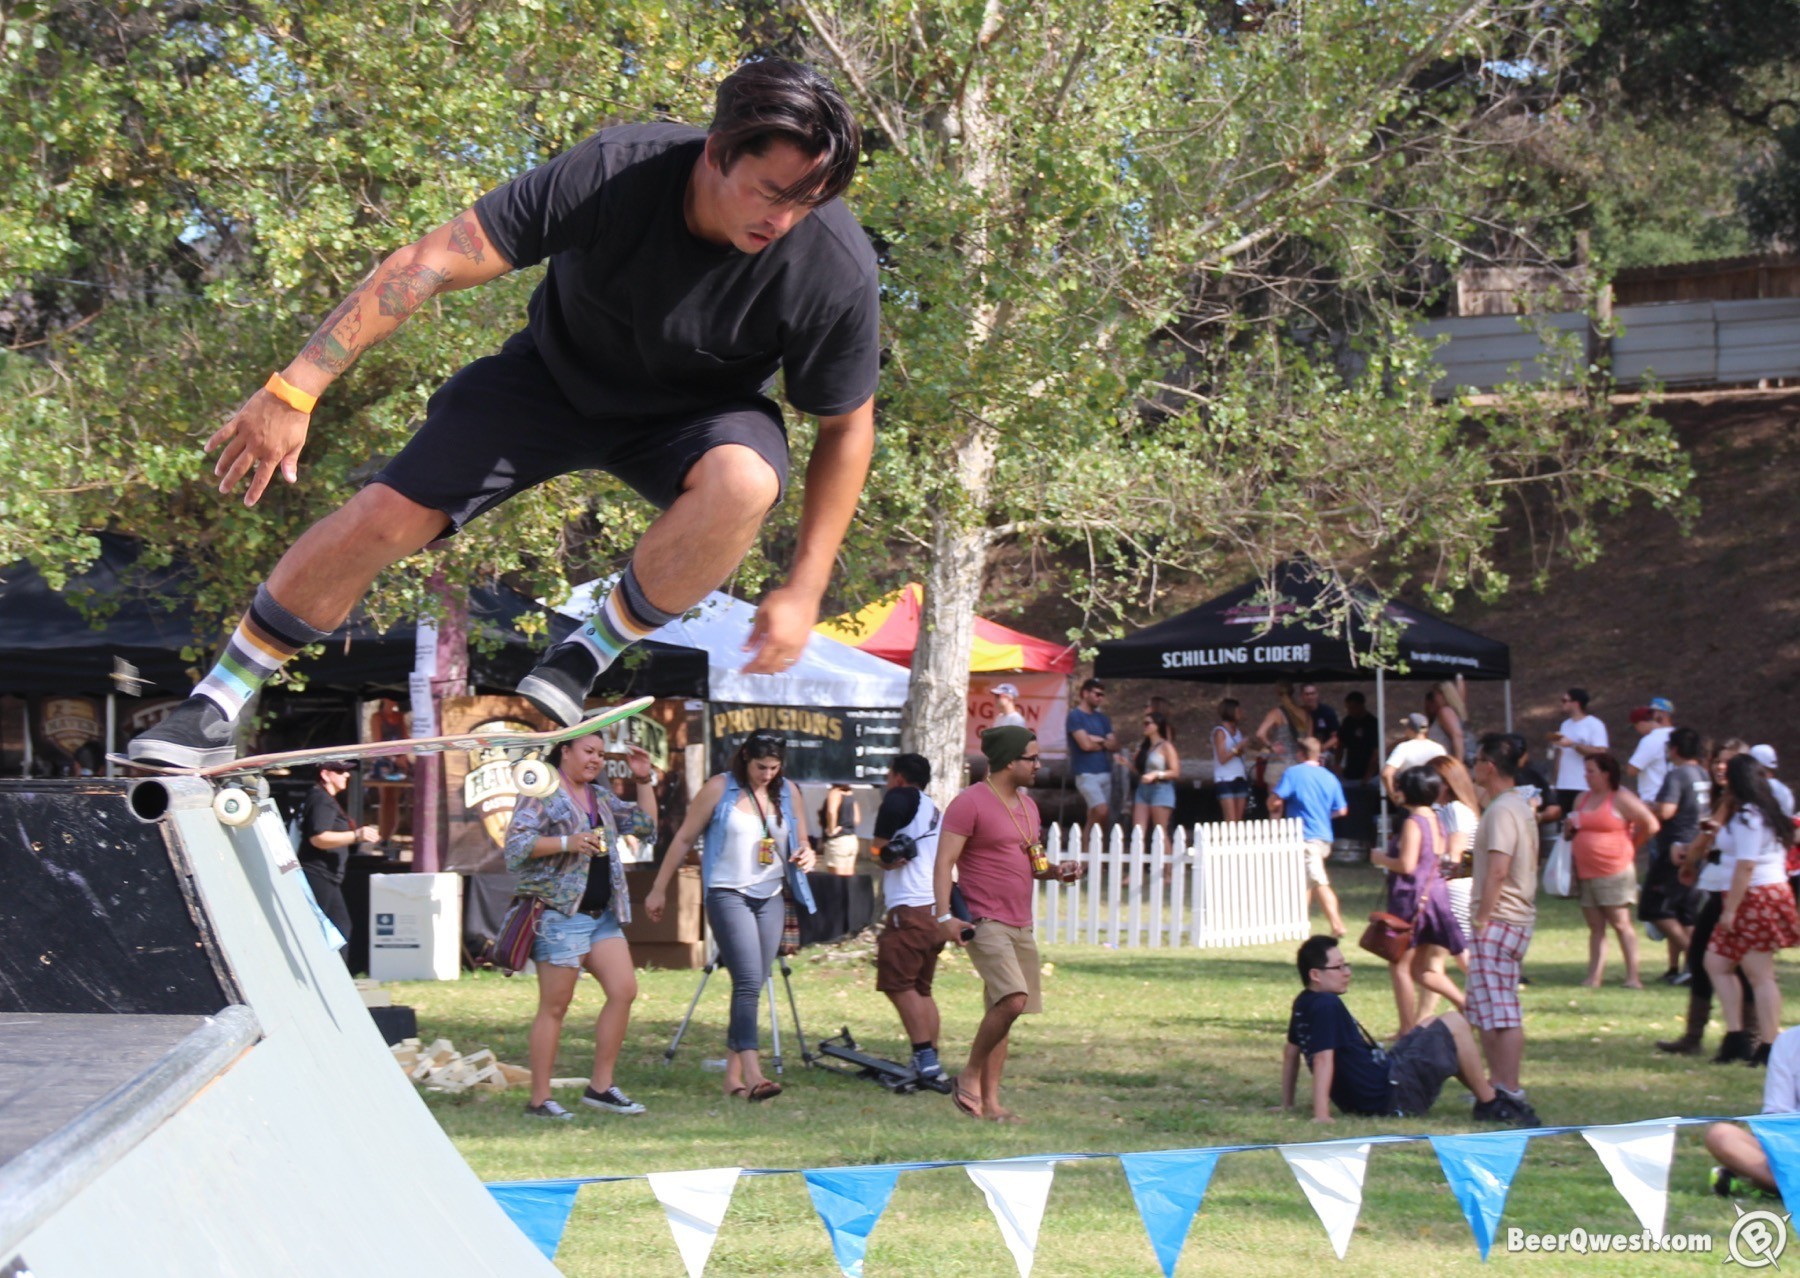 Skateboarding at OC Brew Ha Ha